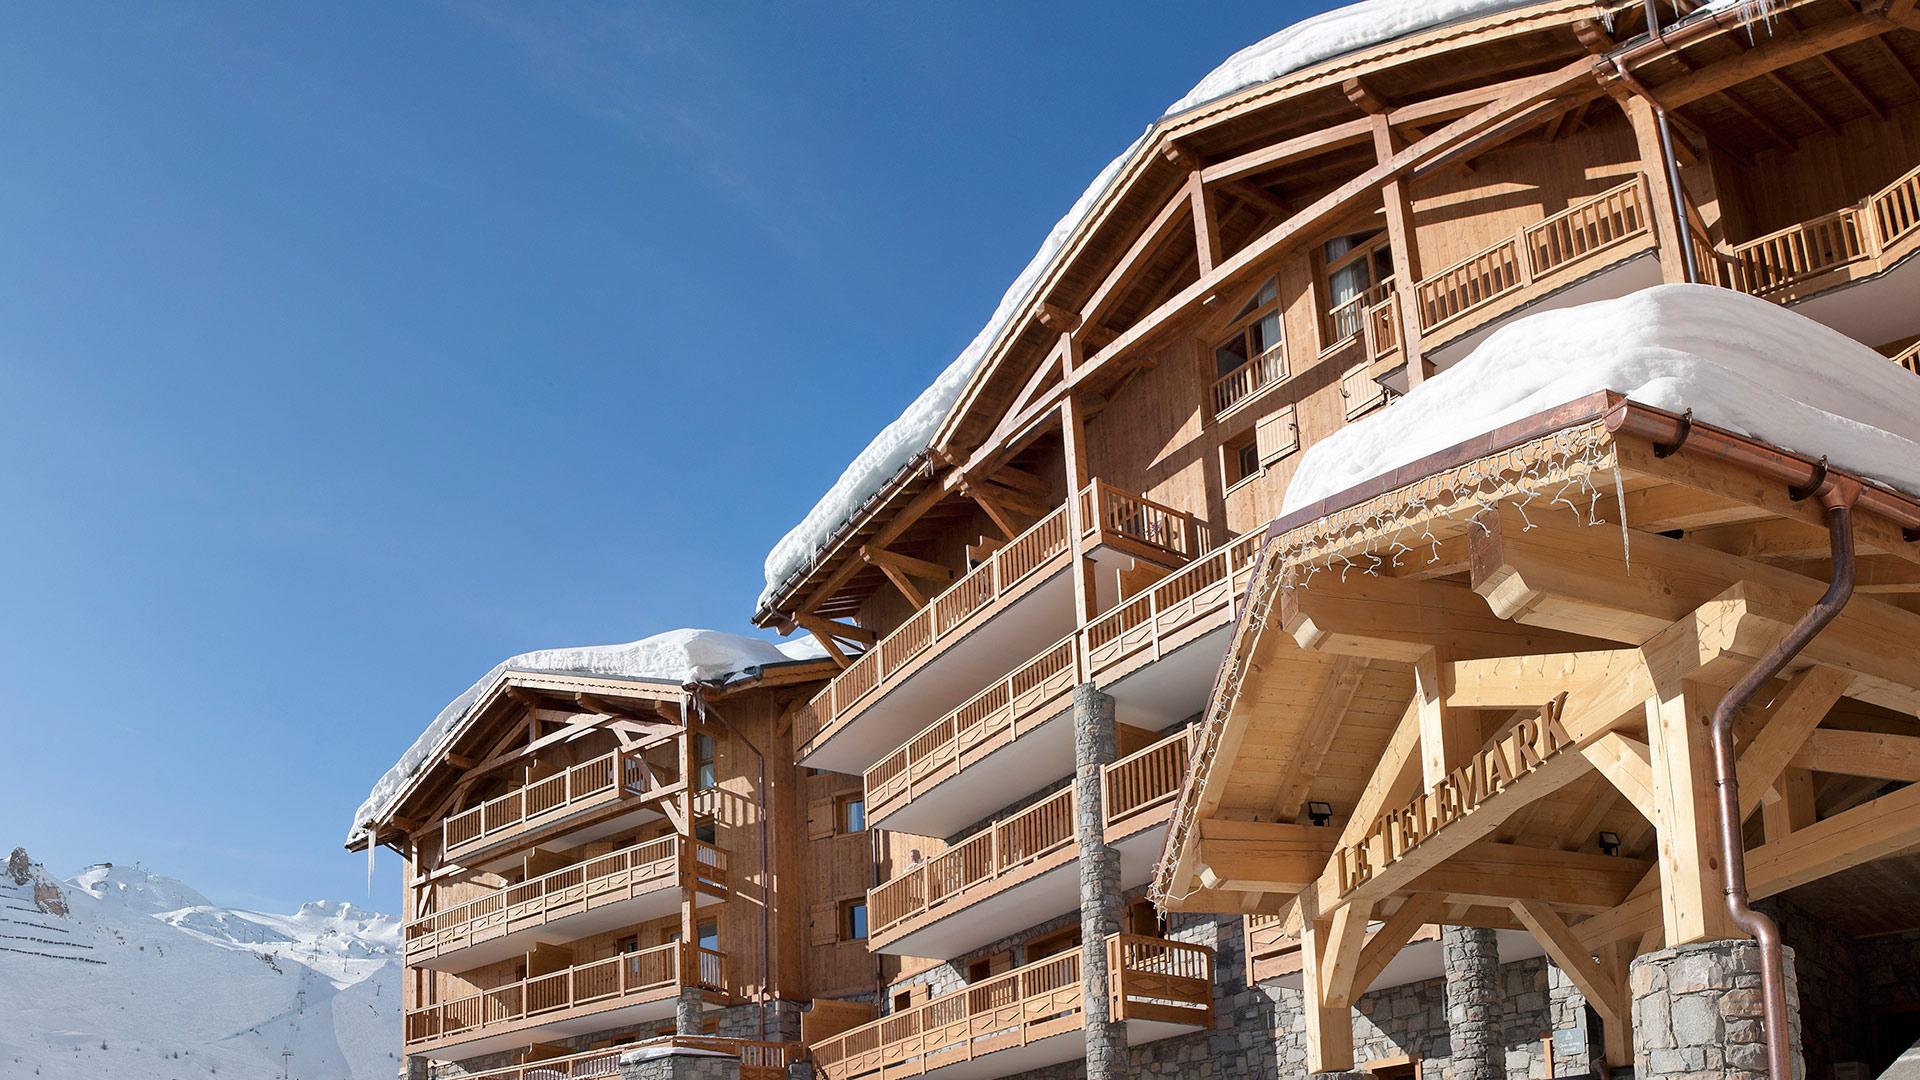 Séjour Au Ski À Tignes, La Télémark | Cgh Résidences concernant Piscine Tignes